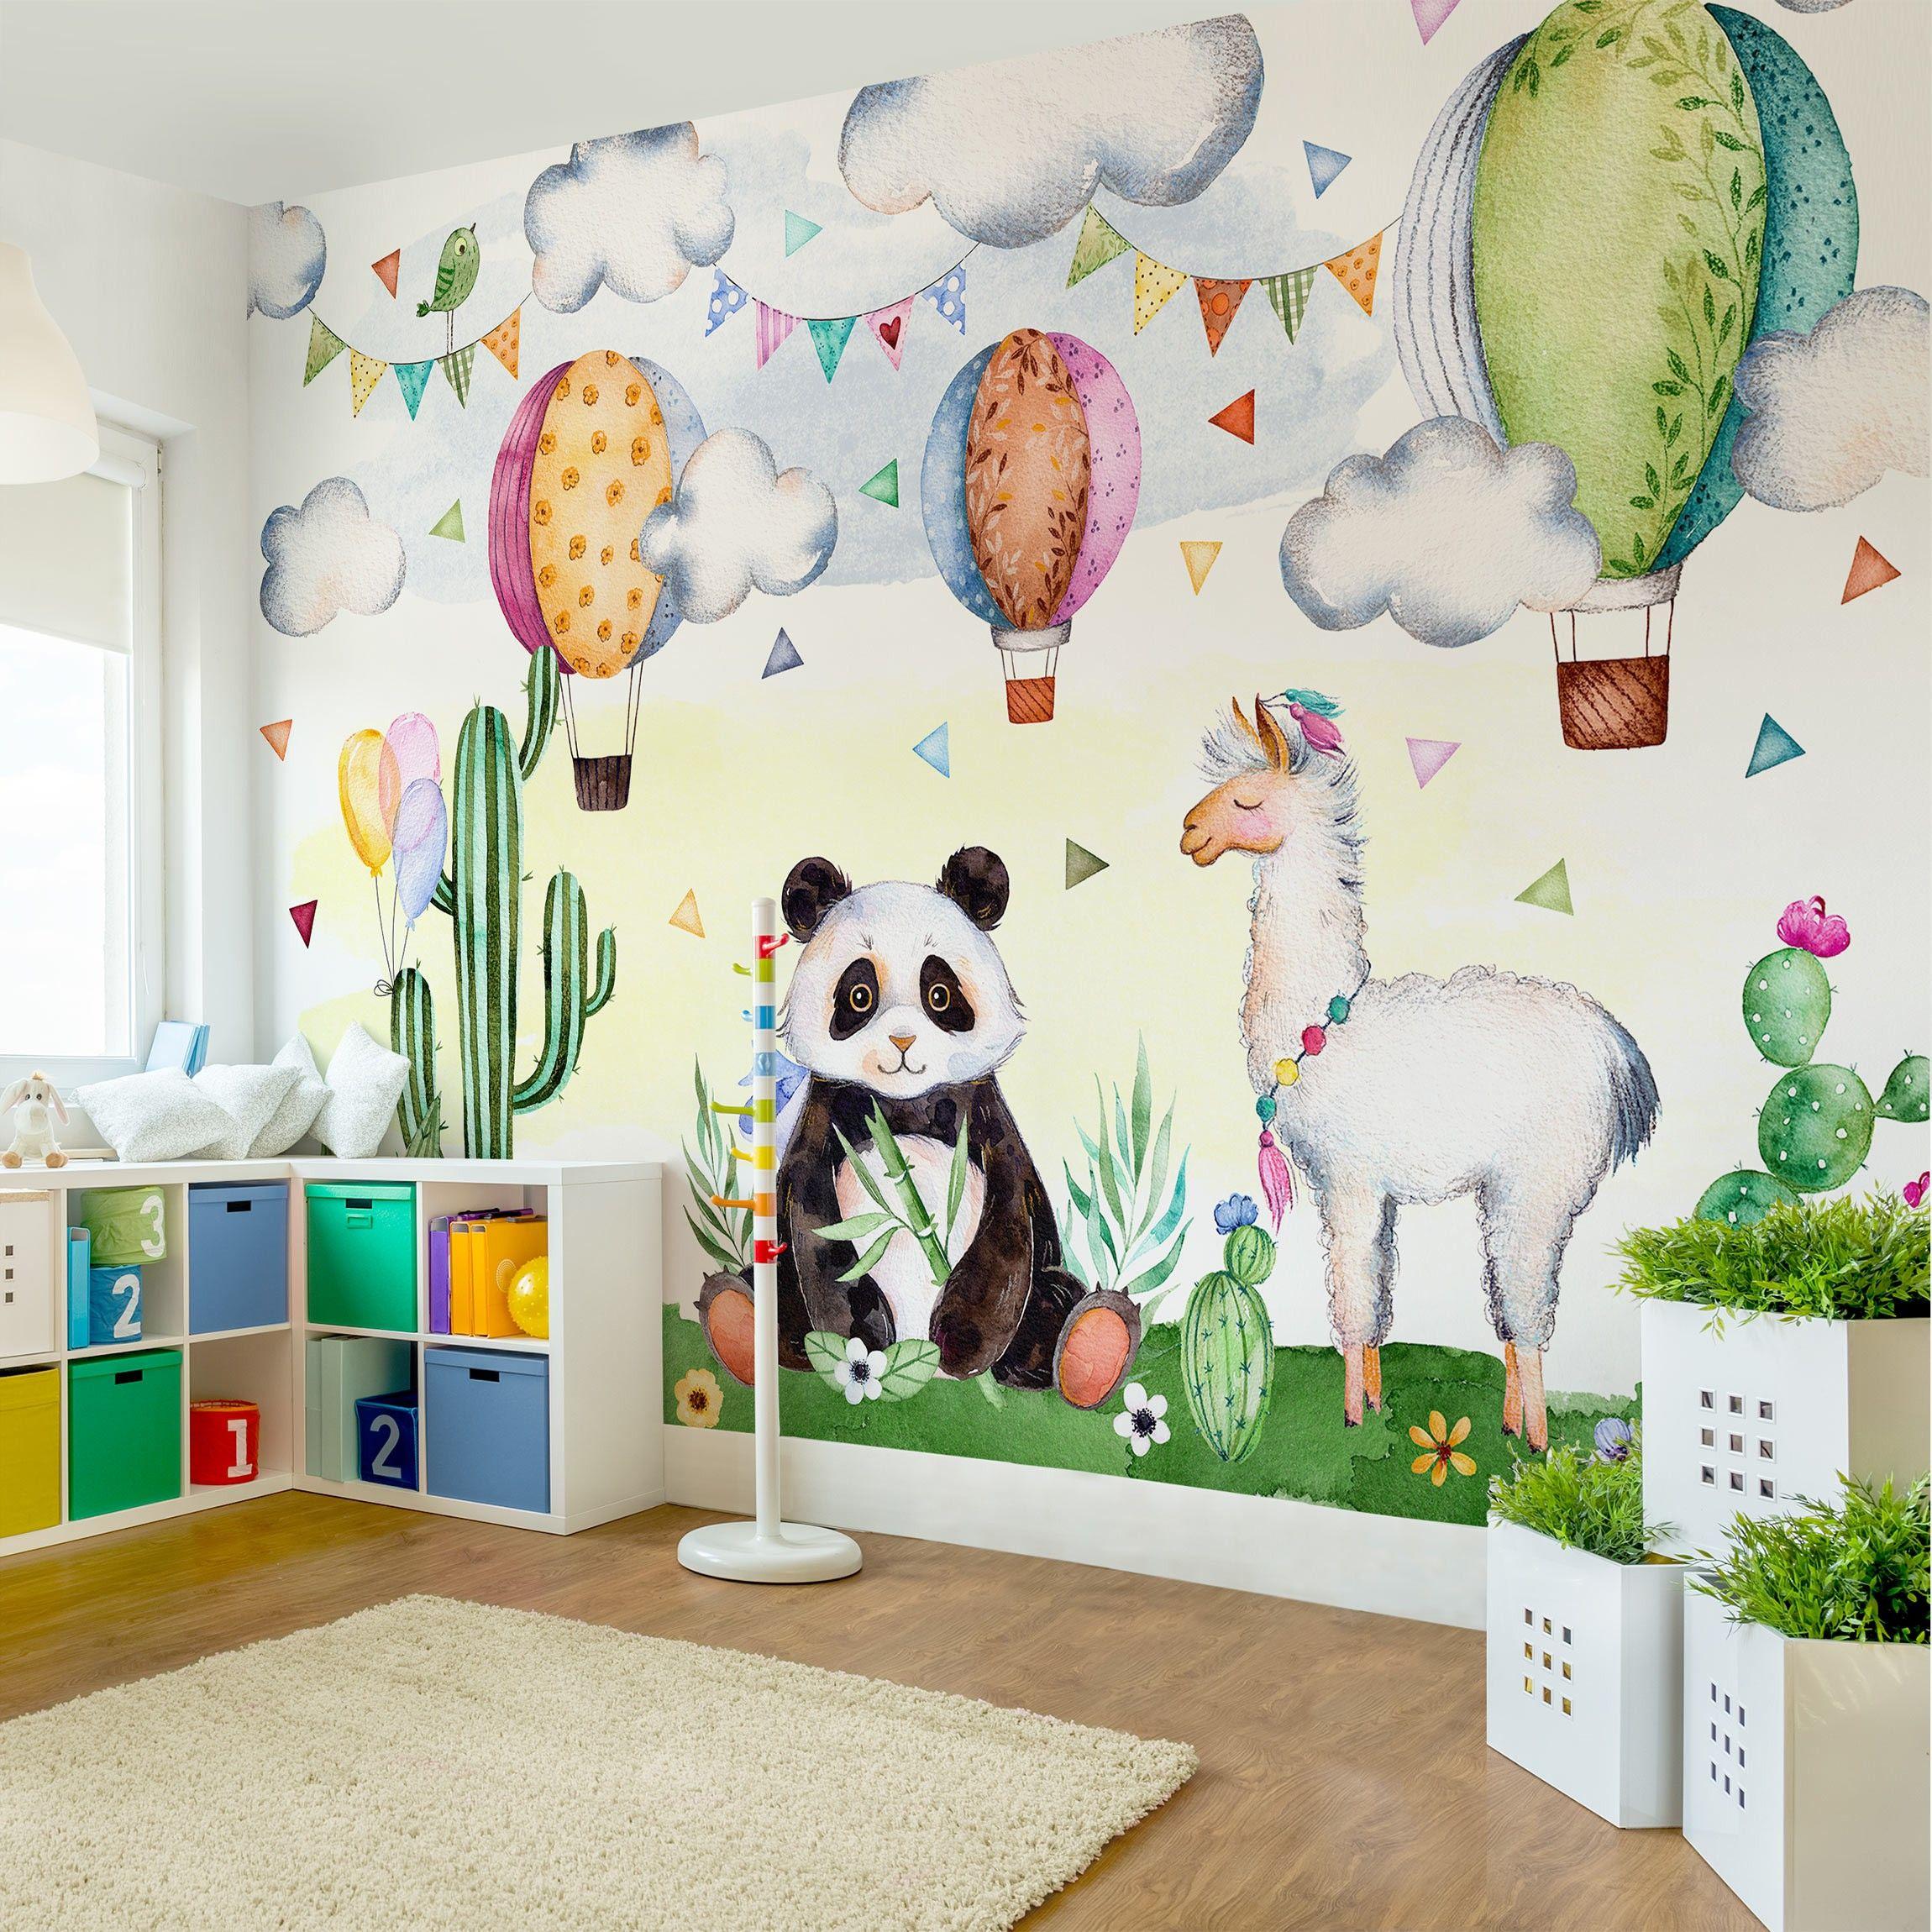 Full Size of Kinderzimmer Tapete Fototapete Panda Und Lama Aquarell In 2020 Regal Weiß Wohnzimmer Tapeten Ideen Fenster Für Küche Schlafzimmer Die Fototapeten Sofa Wohnzimmer Kinderzimmer Tapete